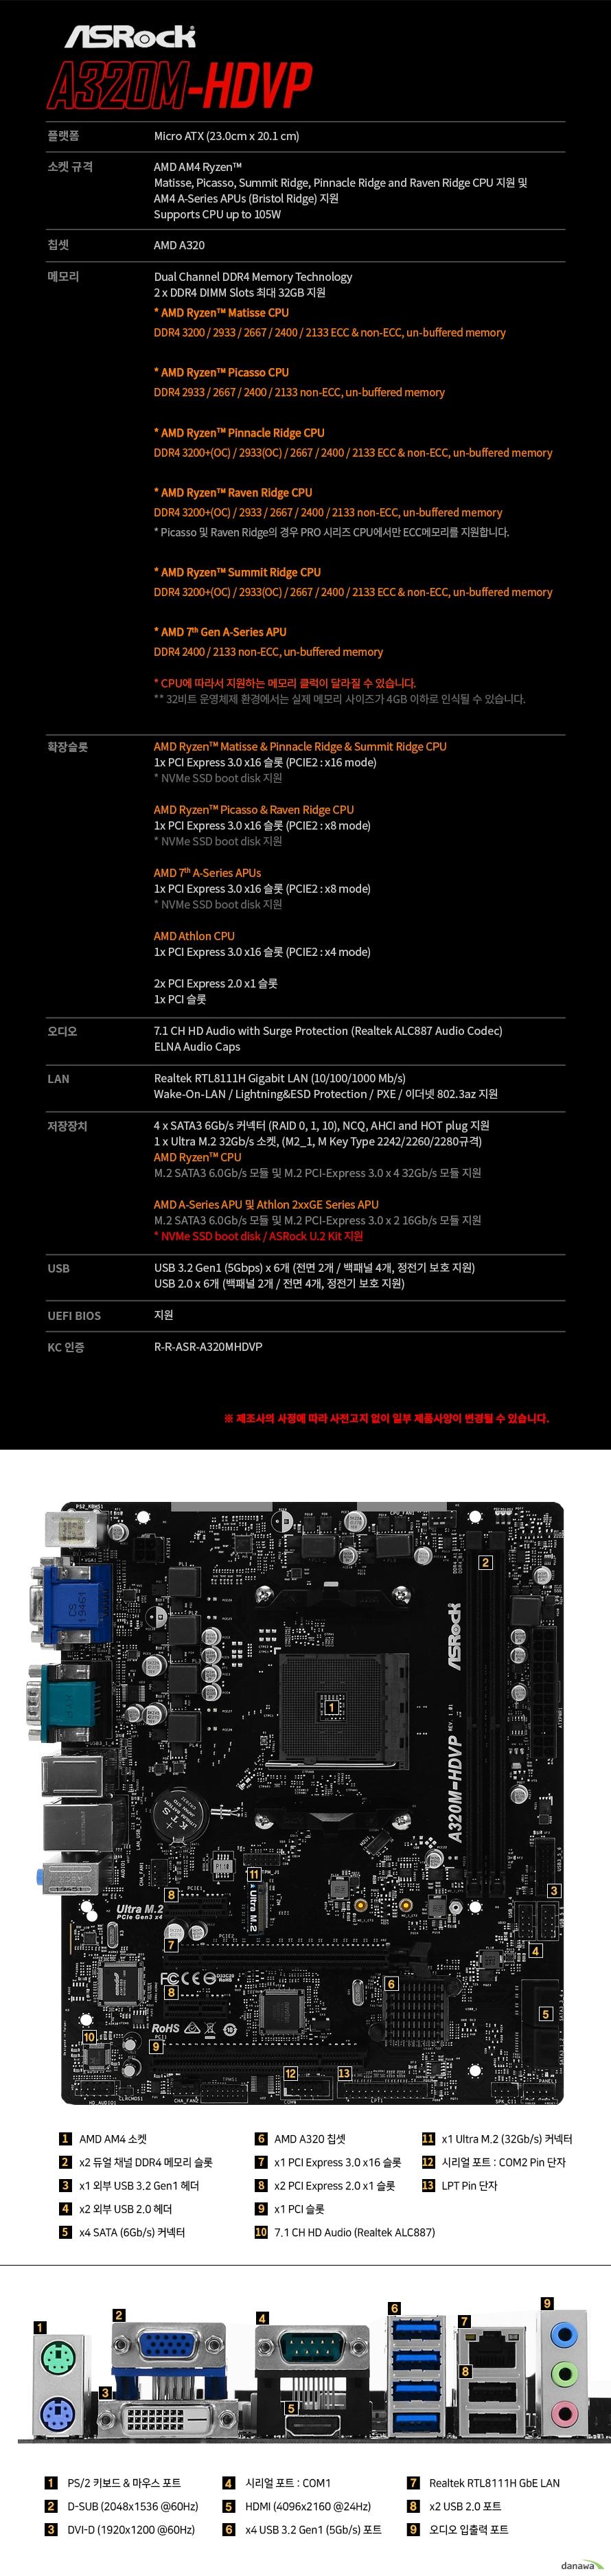 ASRock A320M-HDVP 디앤디컴